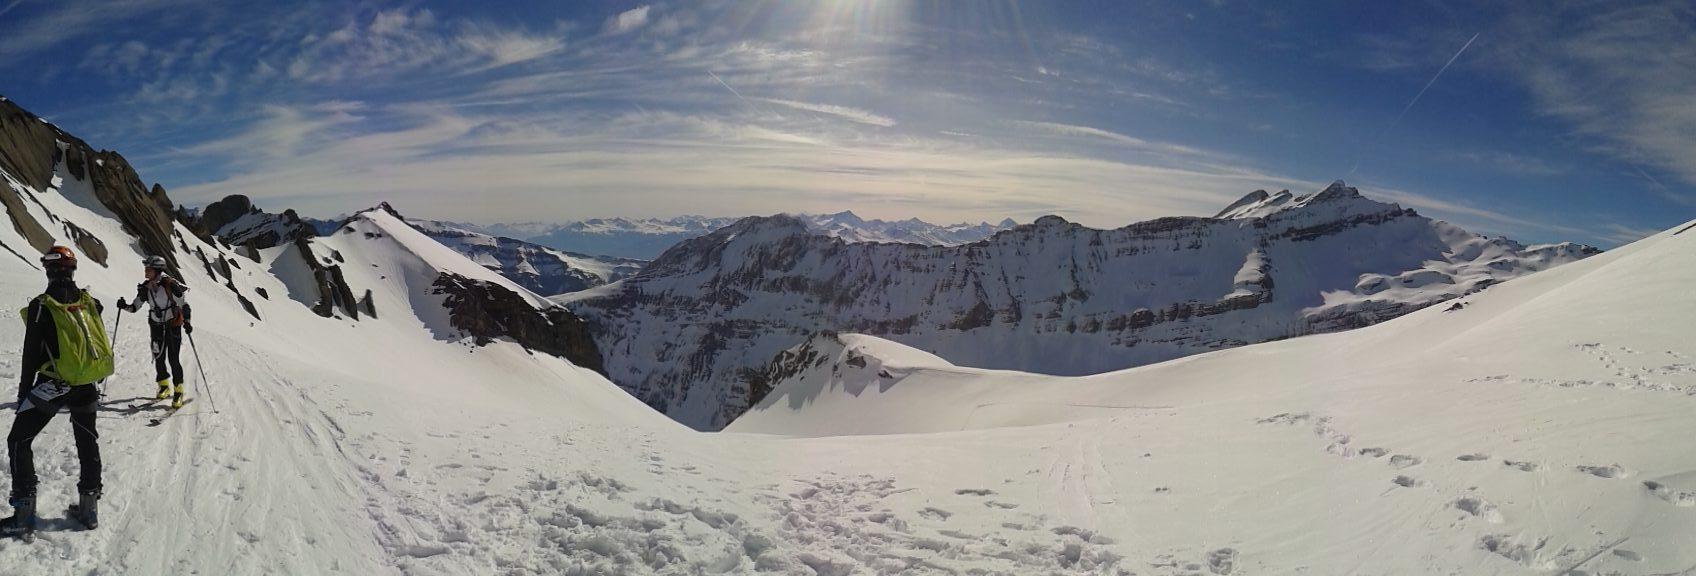 schon sehr lässige Berge in der Schweiz!